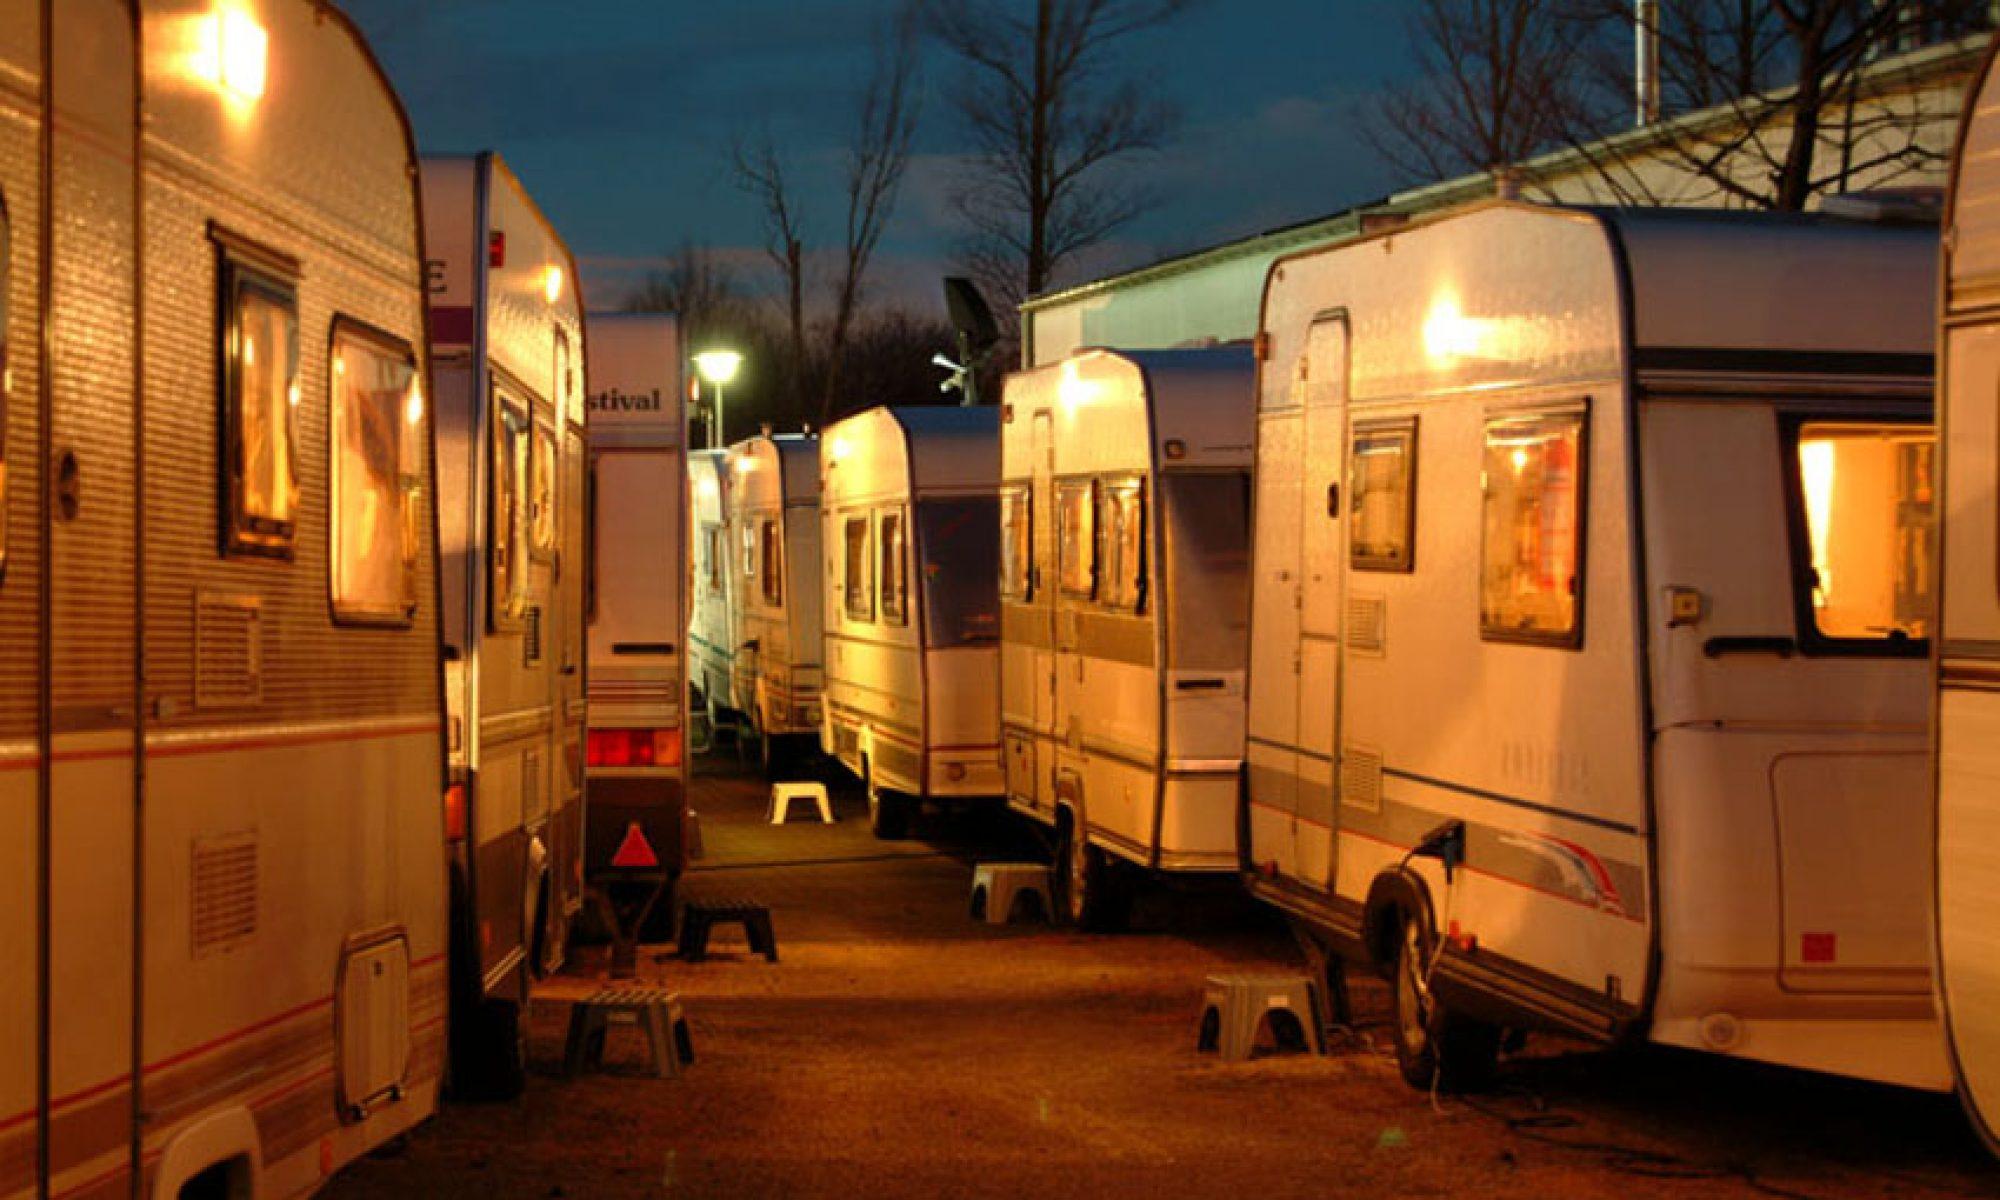 Camping-Münz | Wohnwagen & Wohnmobile